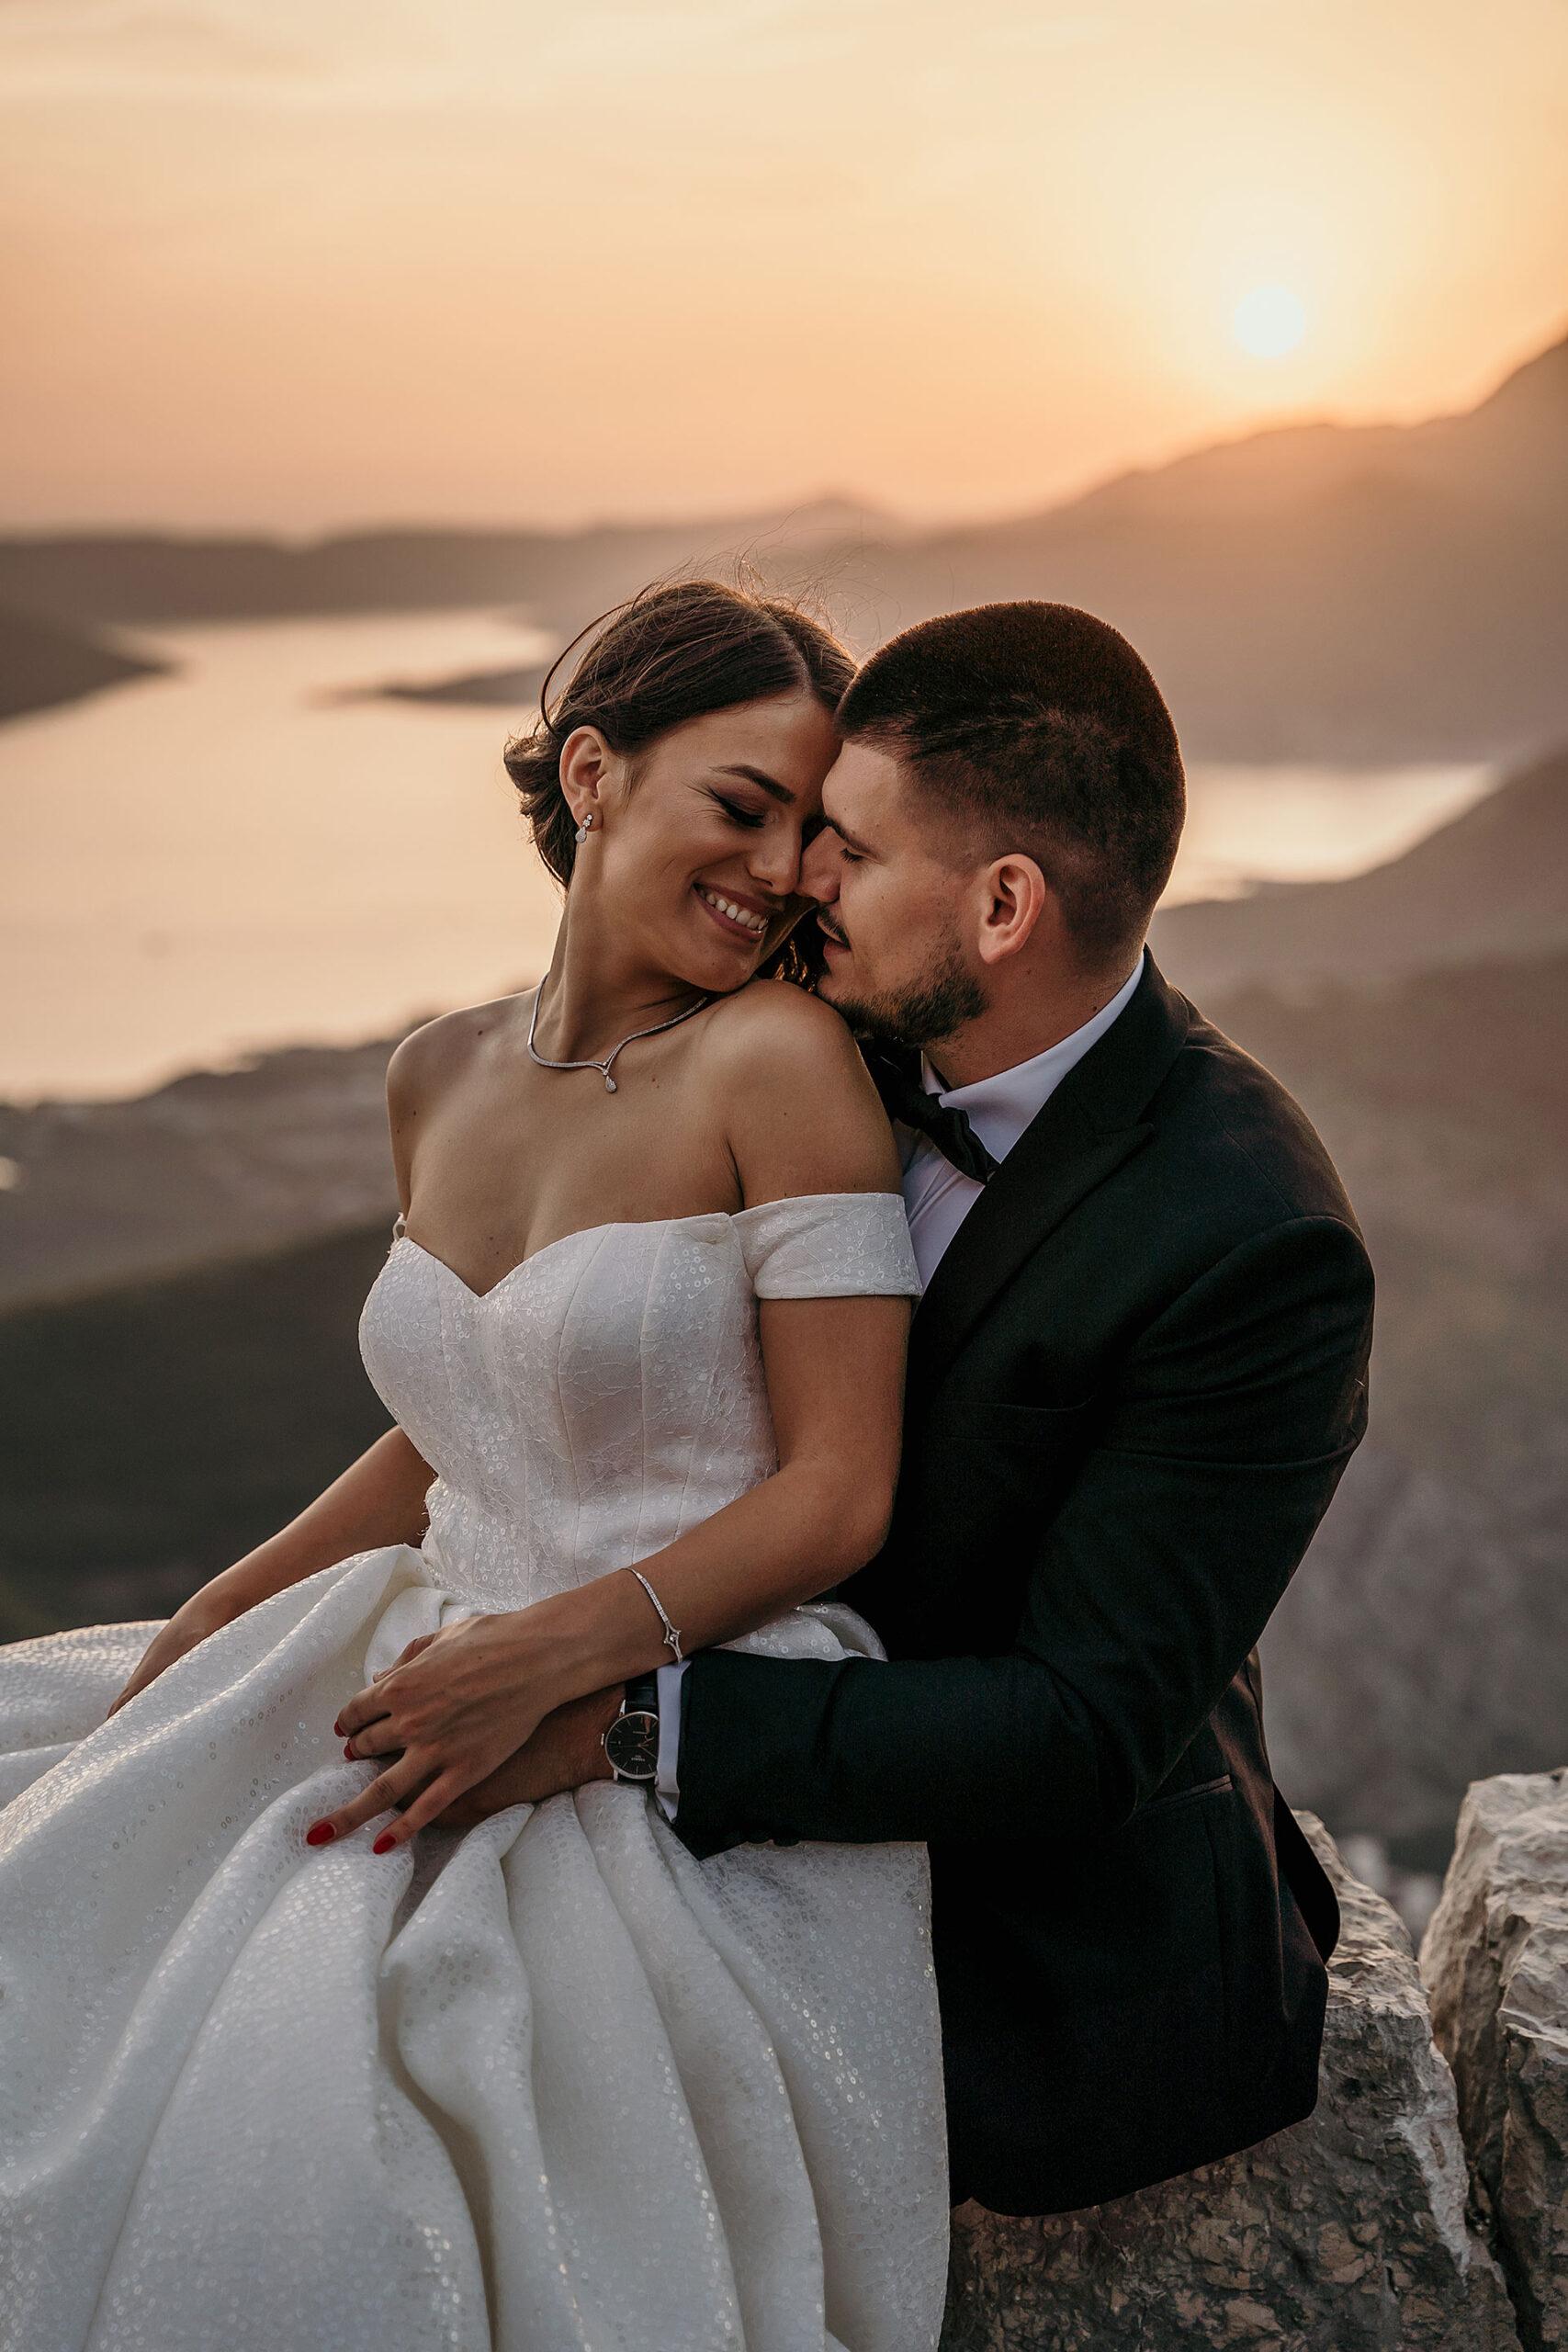 HochzeitsfotografinNiederbayern scaled - Hochzeitsreportage